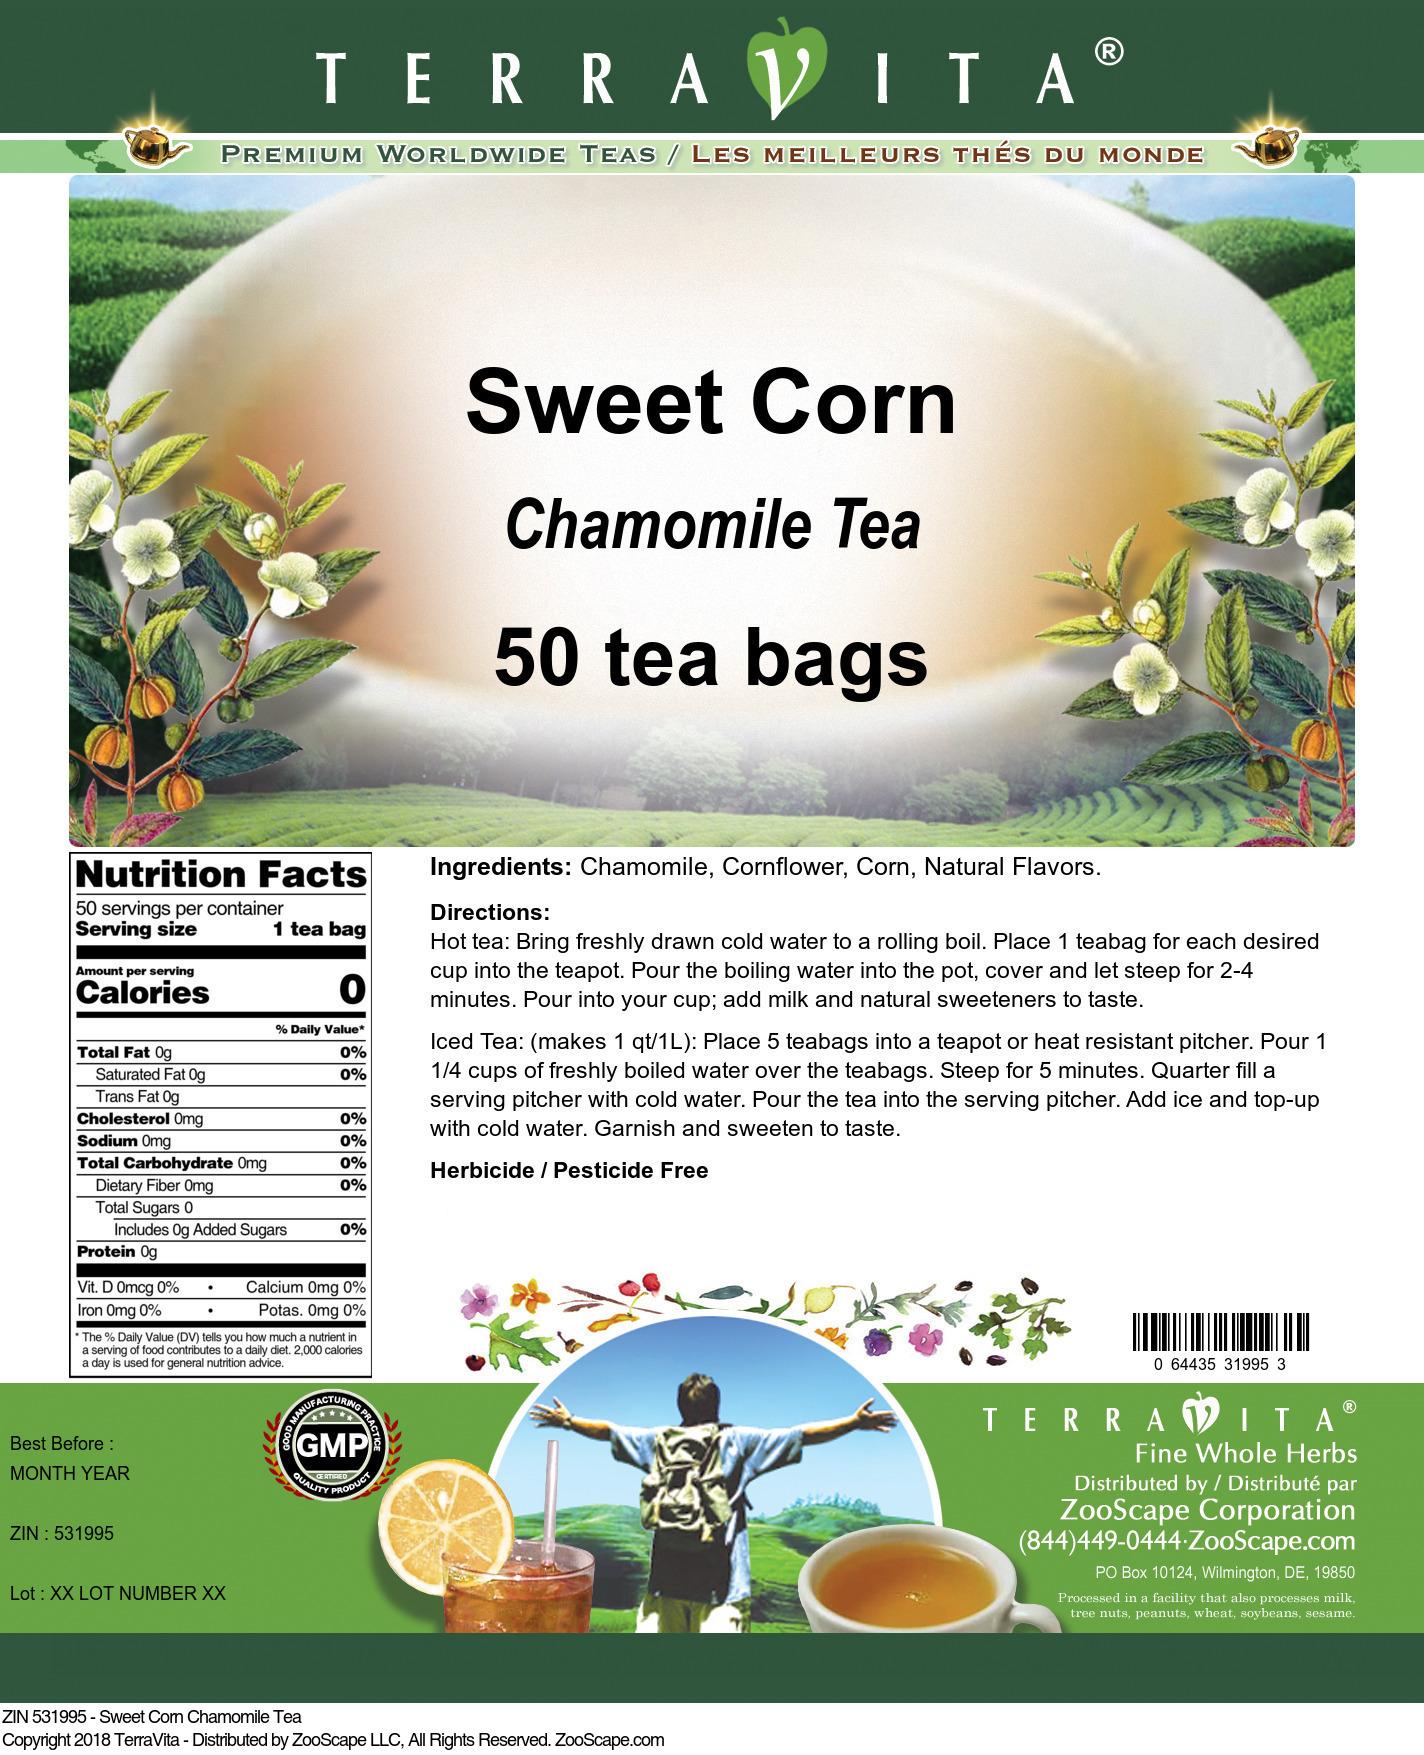 Sweet Corn Chamomile Tea